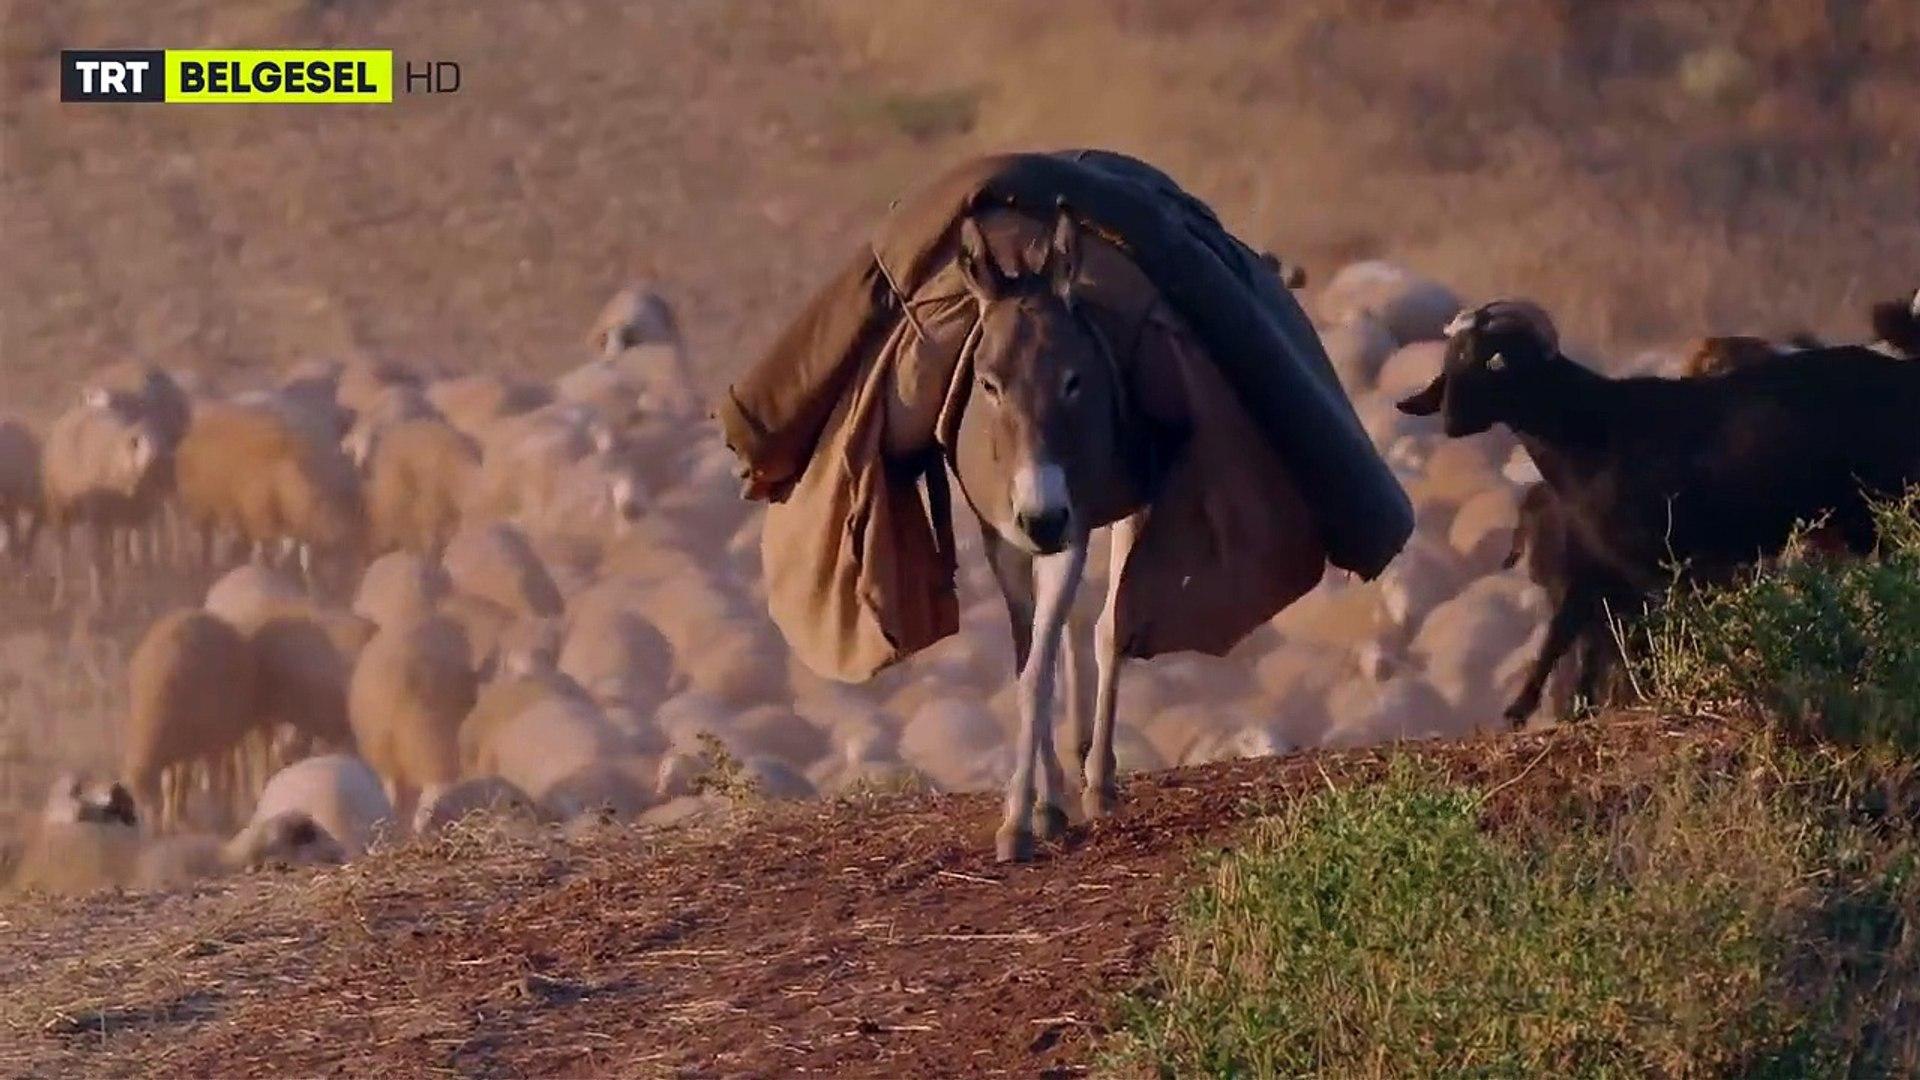 Sürüyü Kurtlardan Koruyan Bekçi Köpeklerin Bir Gecesi